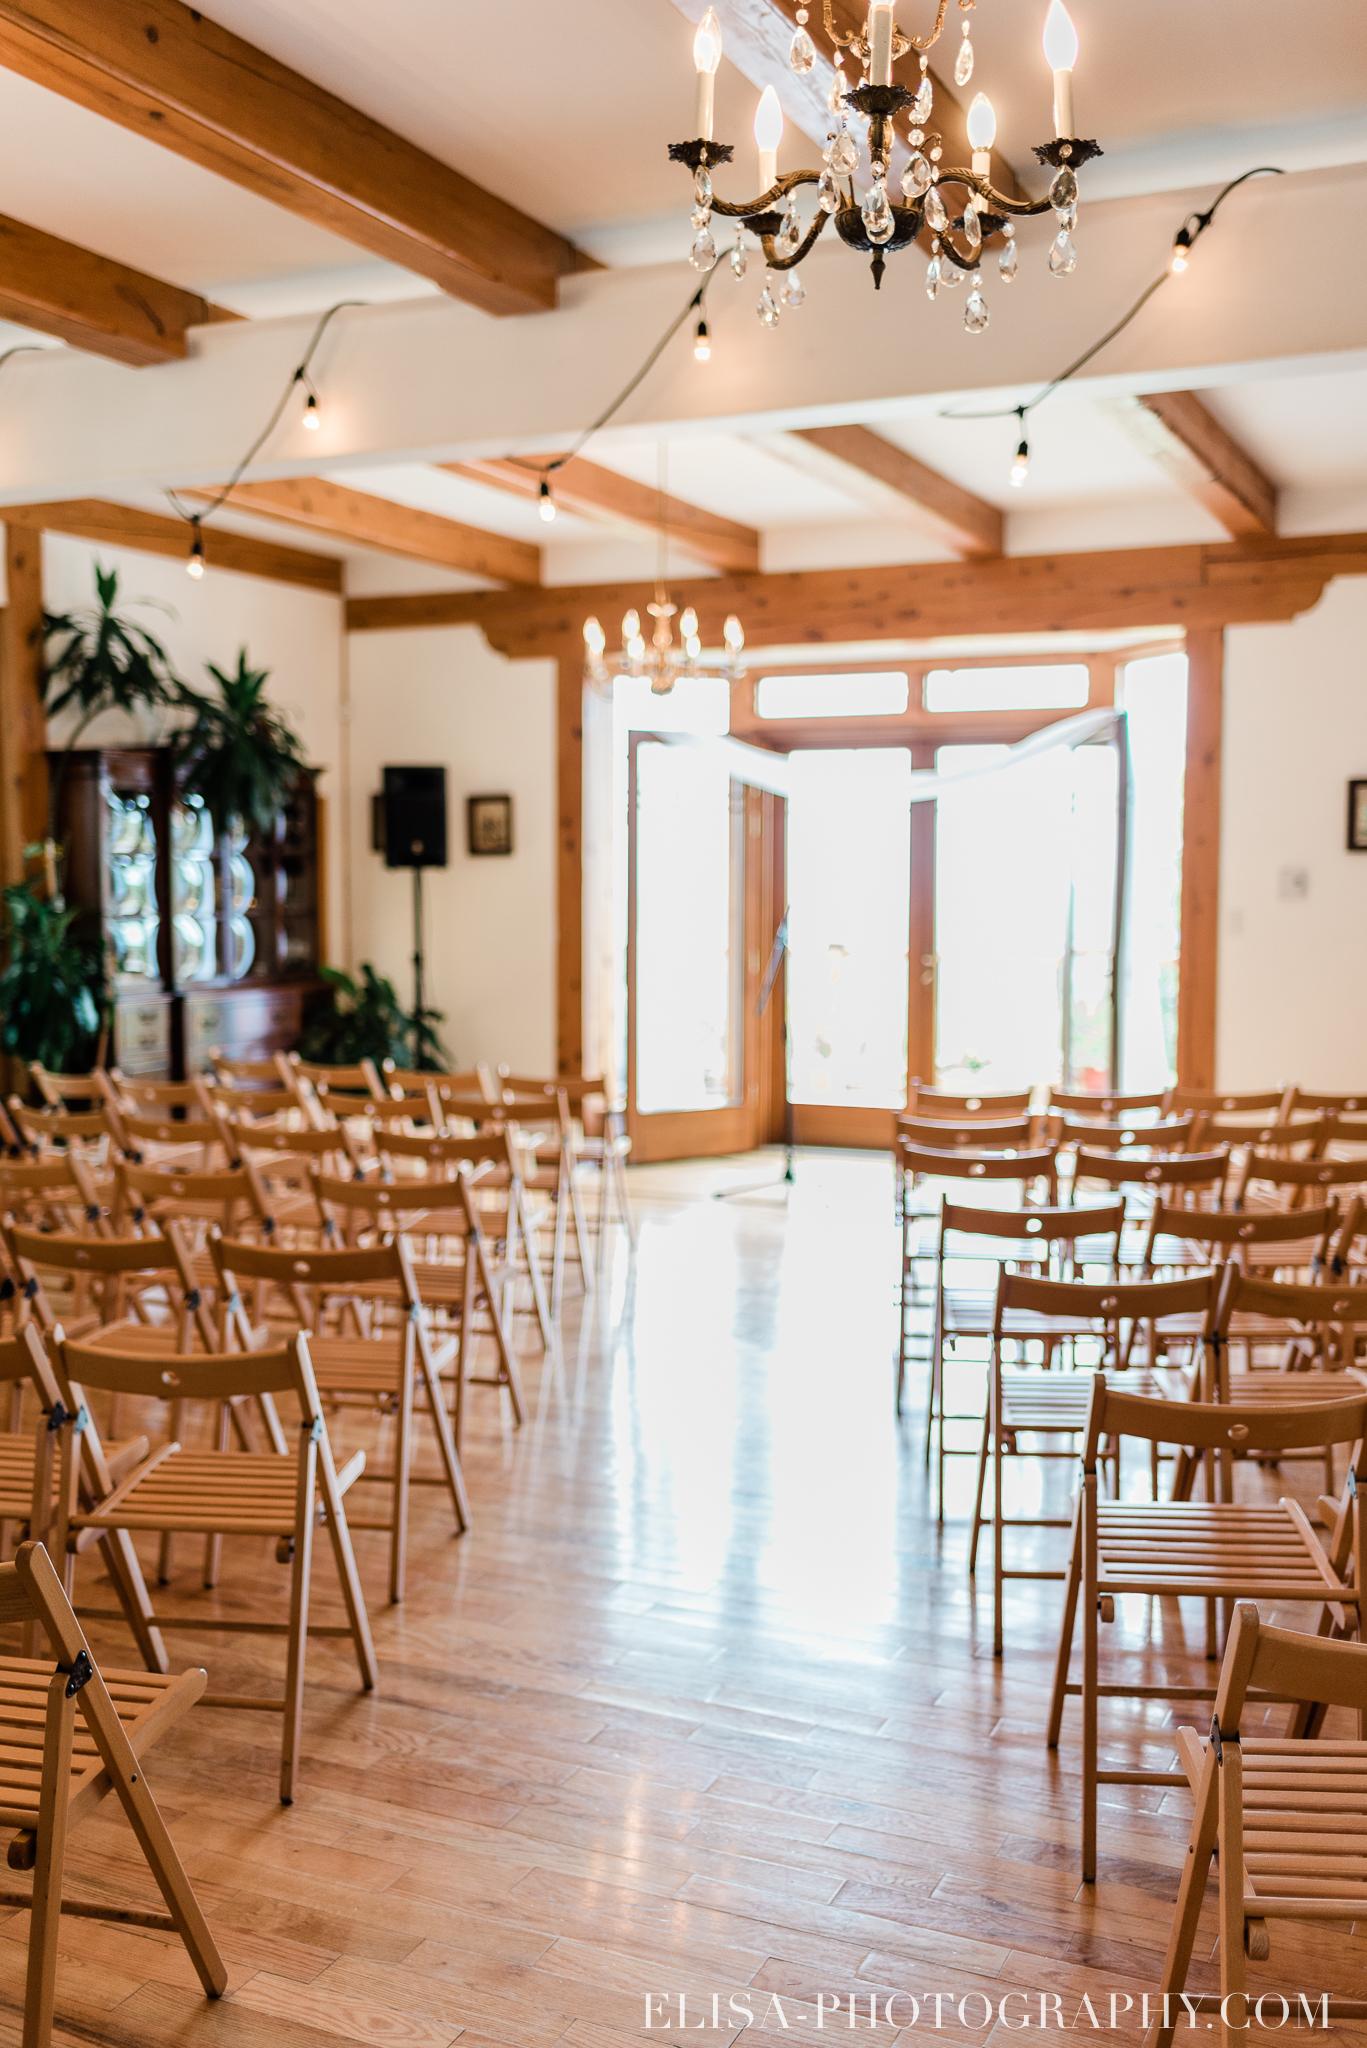 photo mariage a la montagne domaine tomali maniatin ceremonie voeux echange des alliances 5621 - Mariage à la montagne au domaine Tomali-Maniatyn